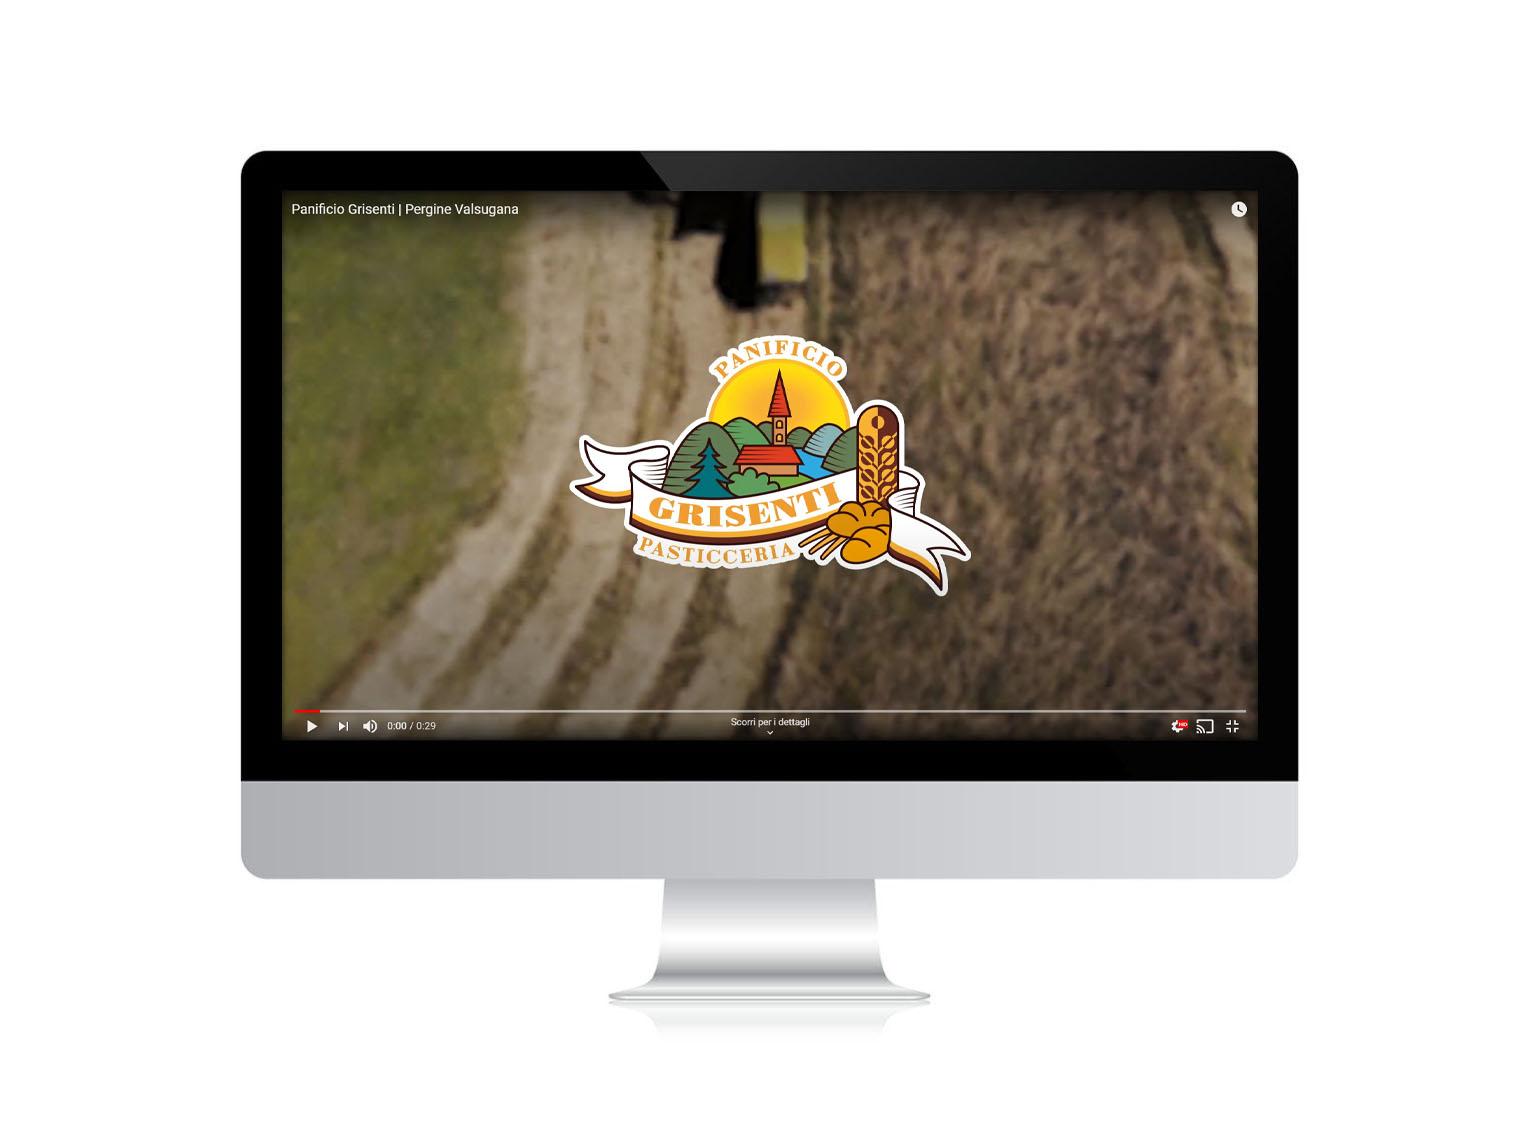 Video promozionale Panificio Grisenti